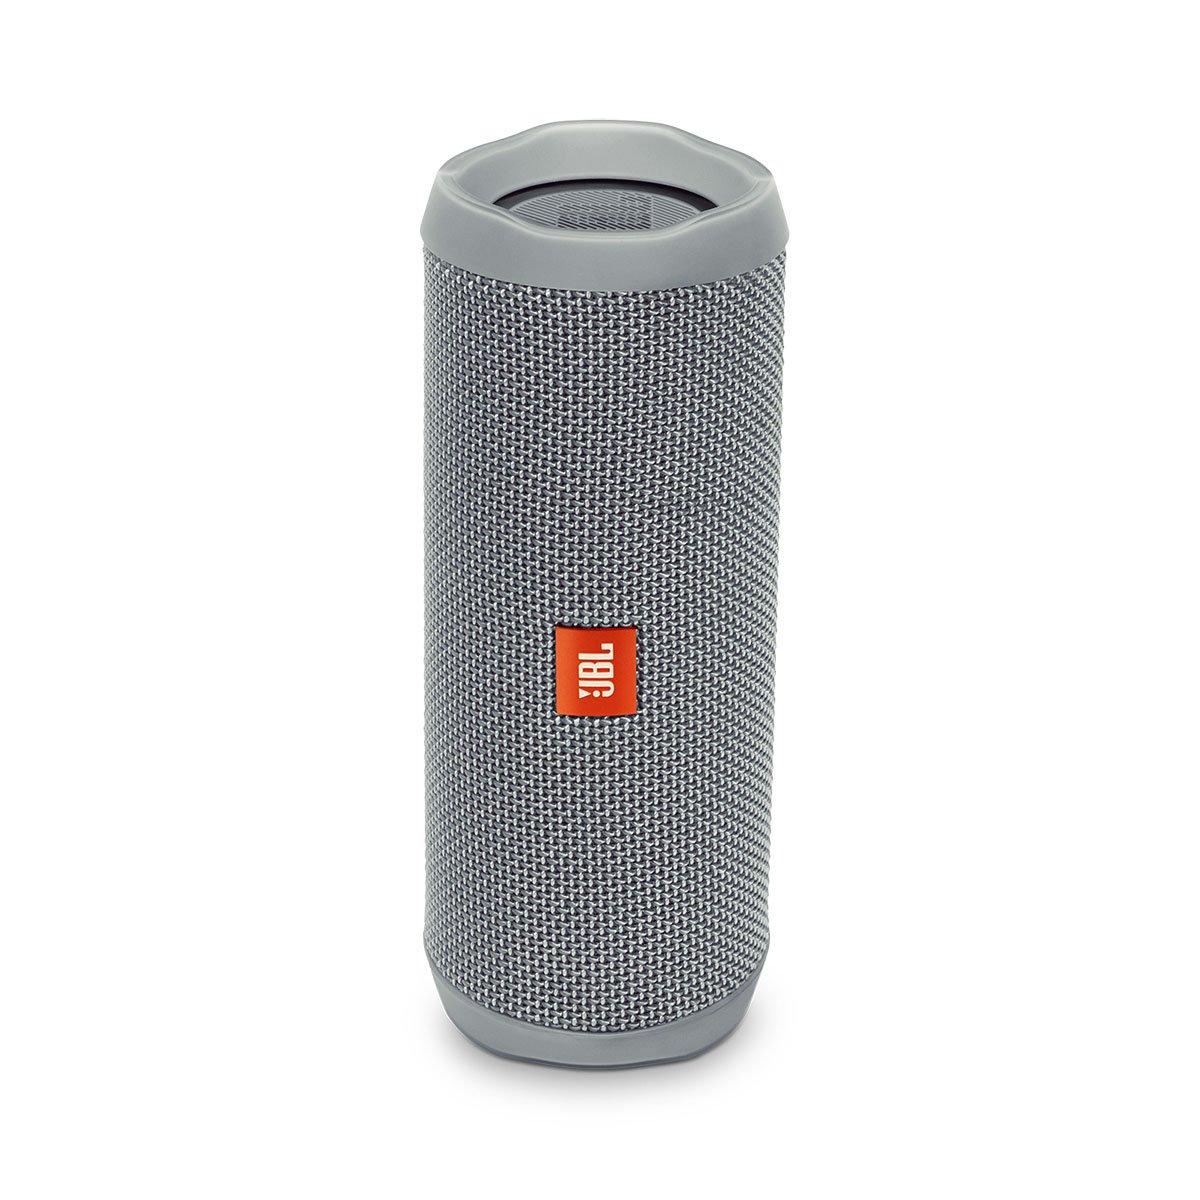 JBL Flip 4 Waterproof Portable Bluetooth Speaker (Black) FLIP 4 Black